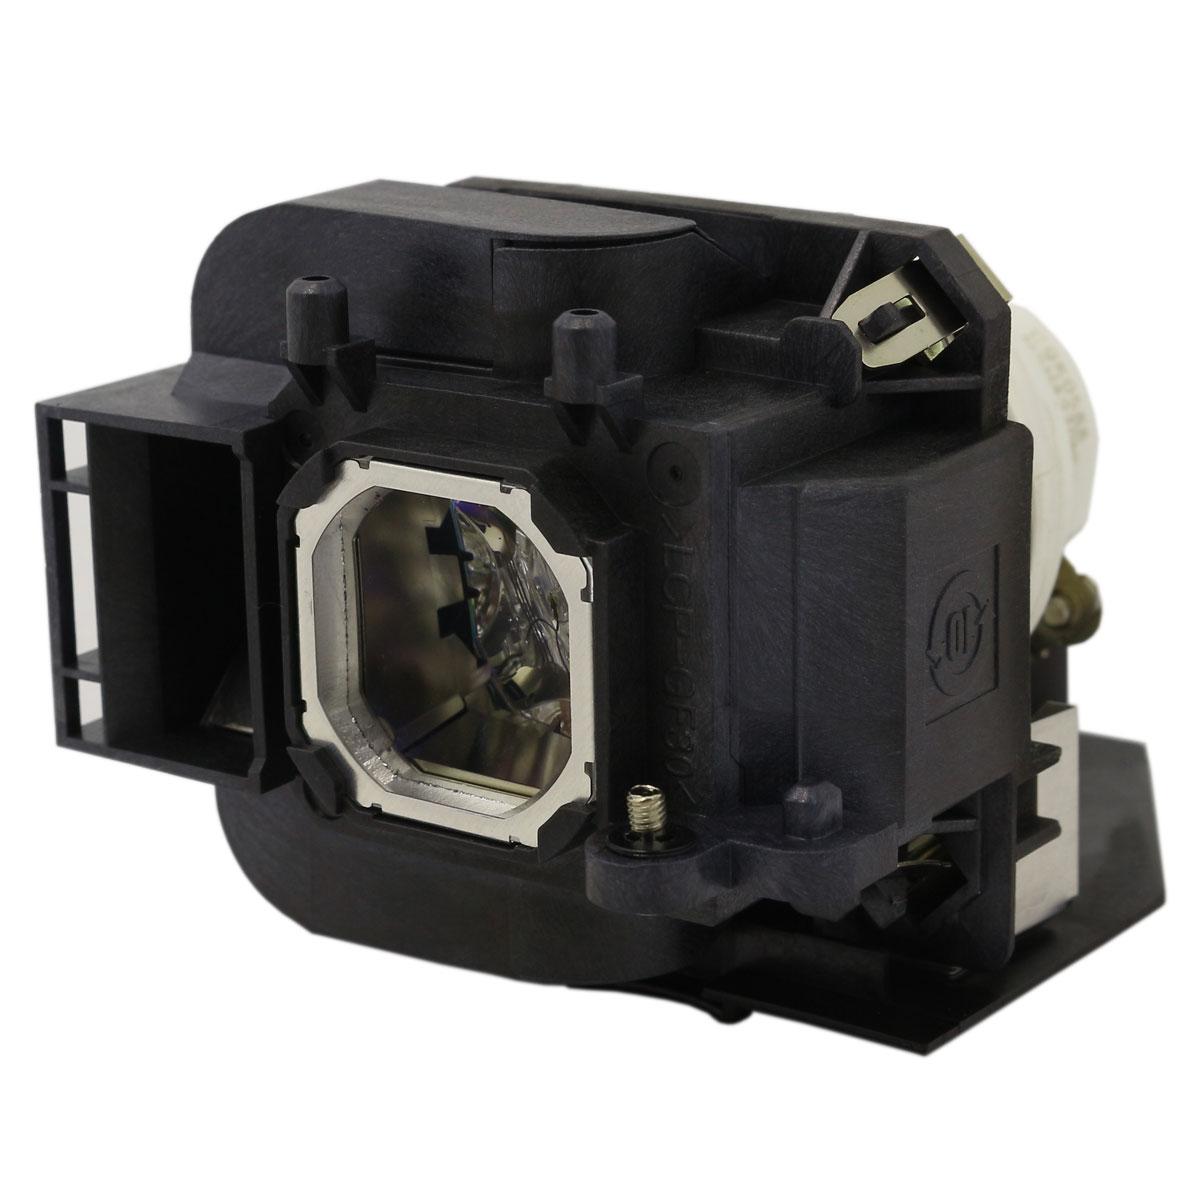 Lutema Platinum lampe pour NEC NP-P501XJL Projecteur (ampoule Philips originale) - image 5 de 5